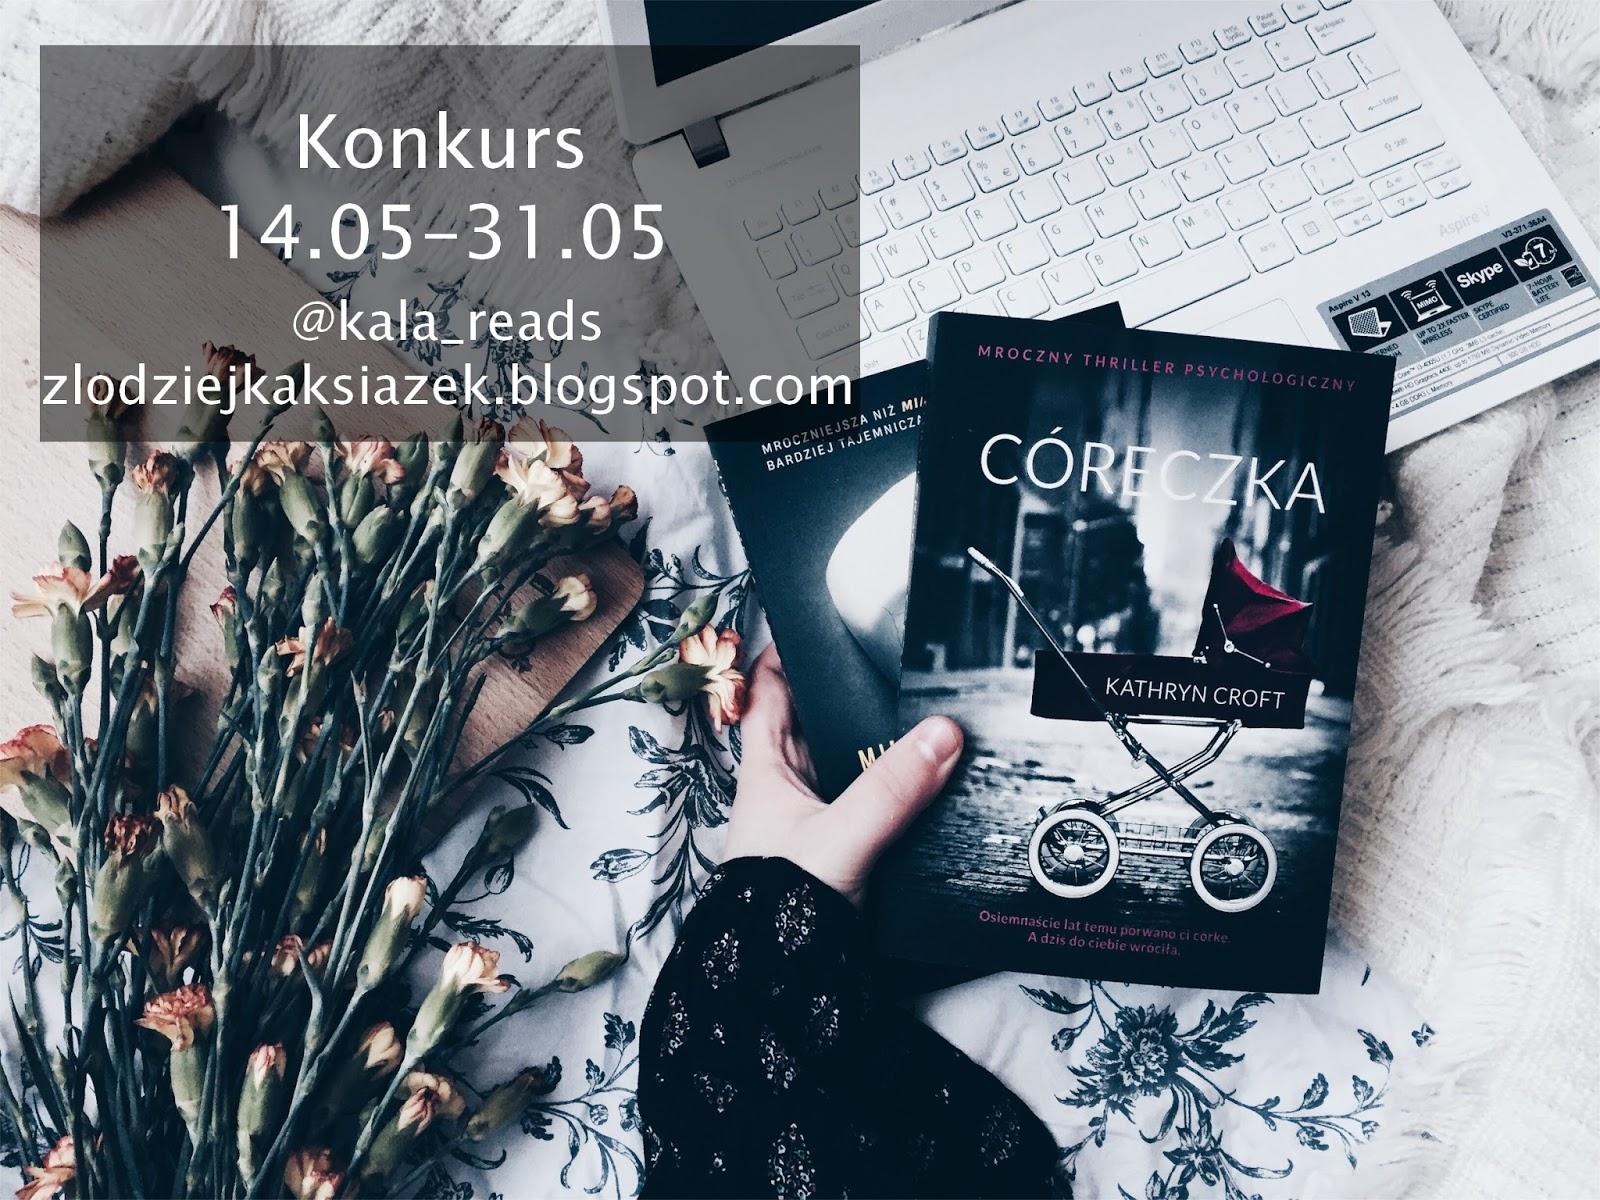 Konkurs z wydawnictwem Burda książki